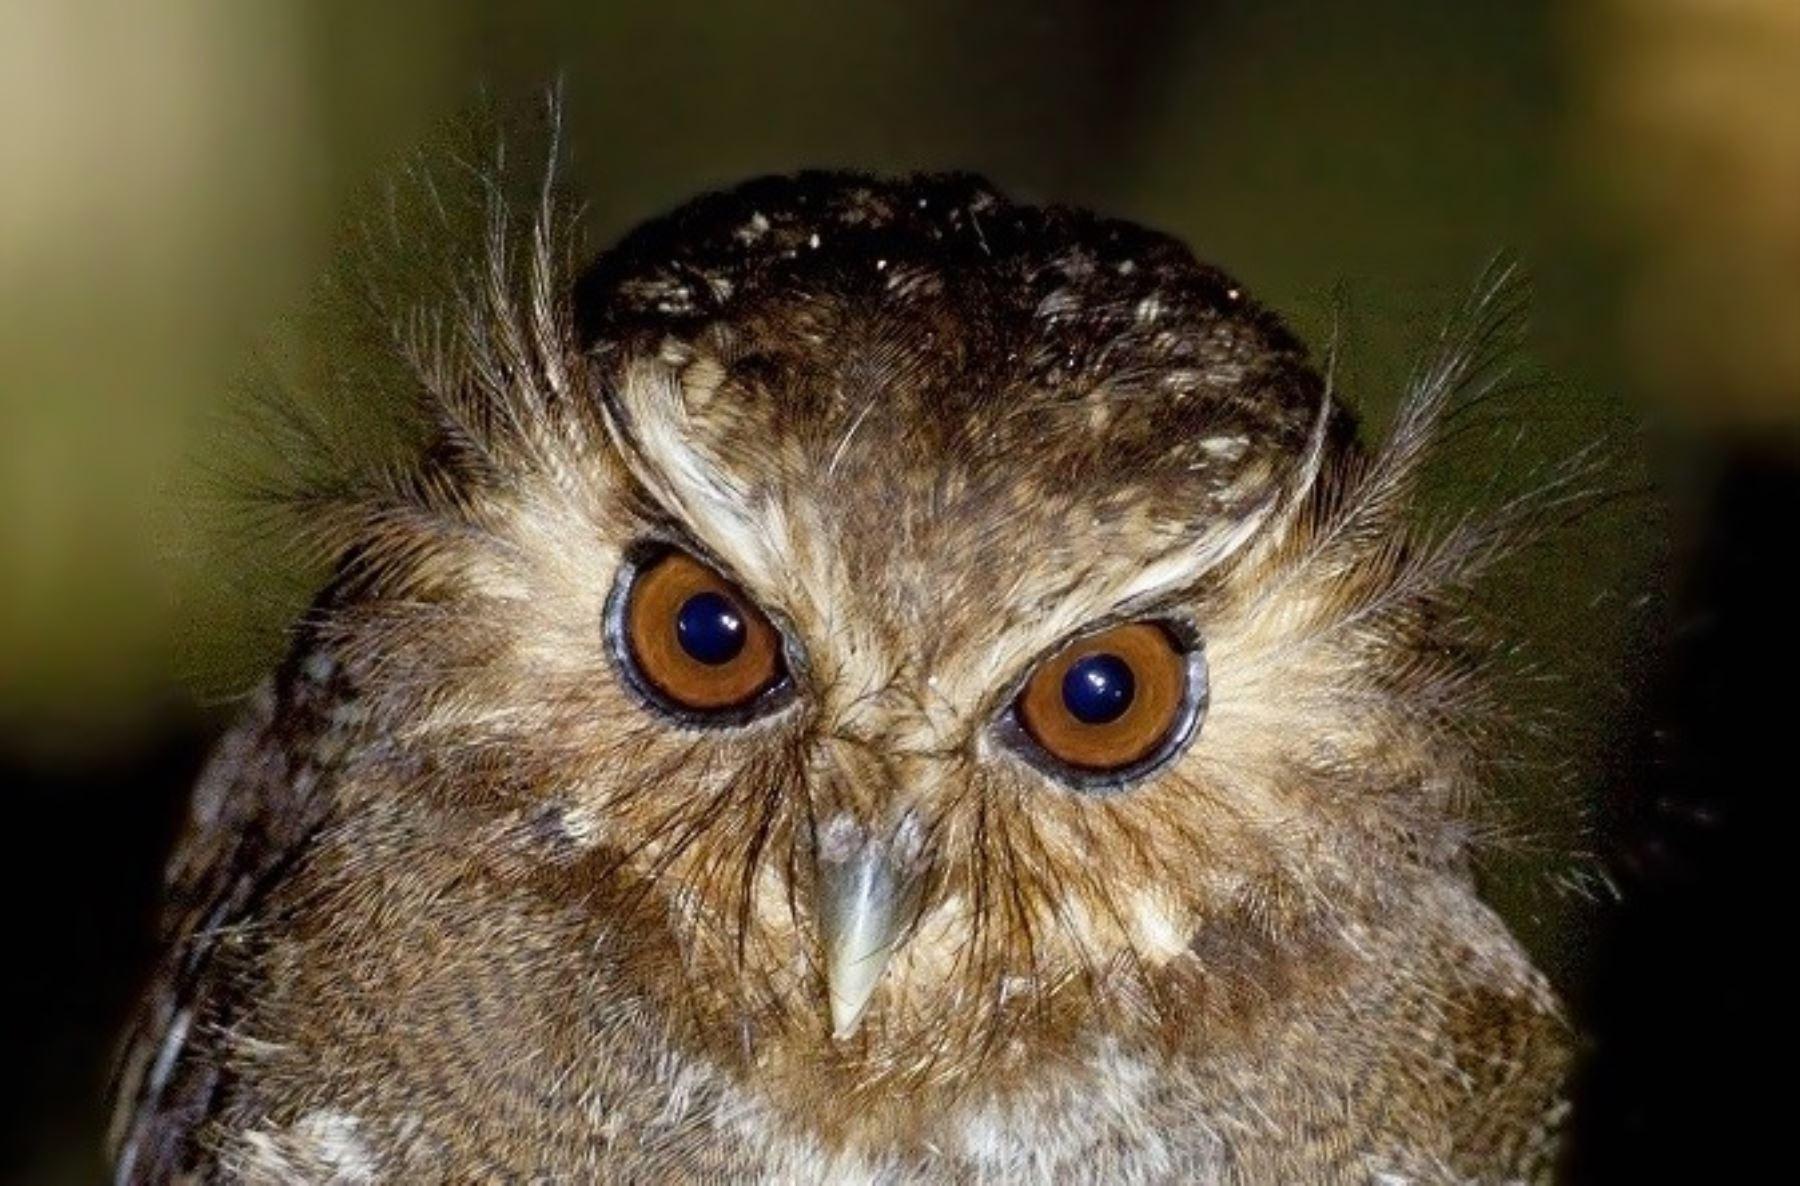 El gran potencial ecoturístico del Perú y sus extraordinarios escenarios para el avistamiento de aves quedaron evidenciados nuevamente en el Global Big Day 2017, al ocupar el segundo lugar en este certamen internacional con 1,338 especies avistadas.